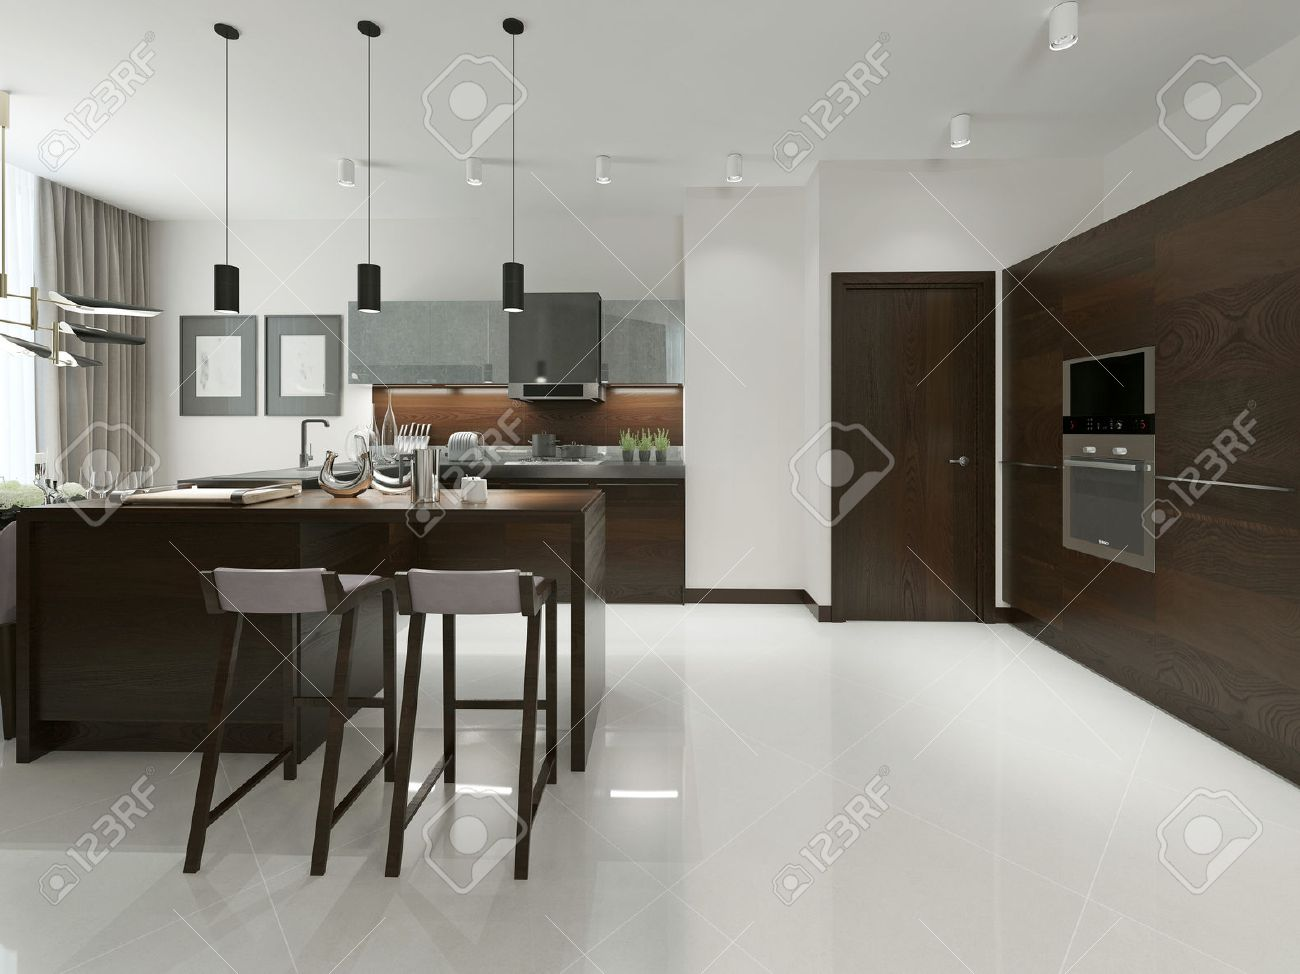 intérieur d'une cuisine moderne avec bar et tabourets de bar